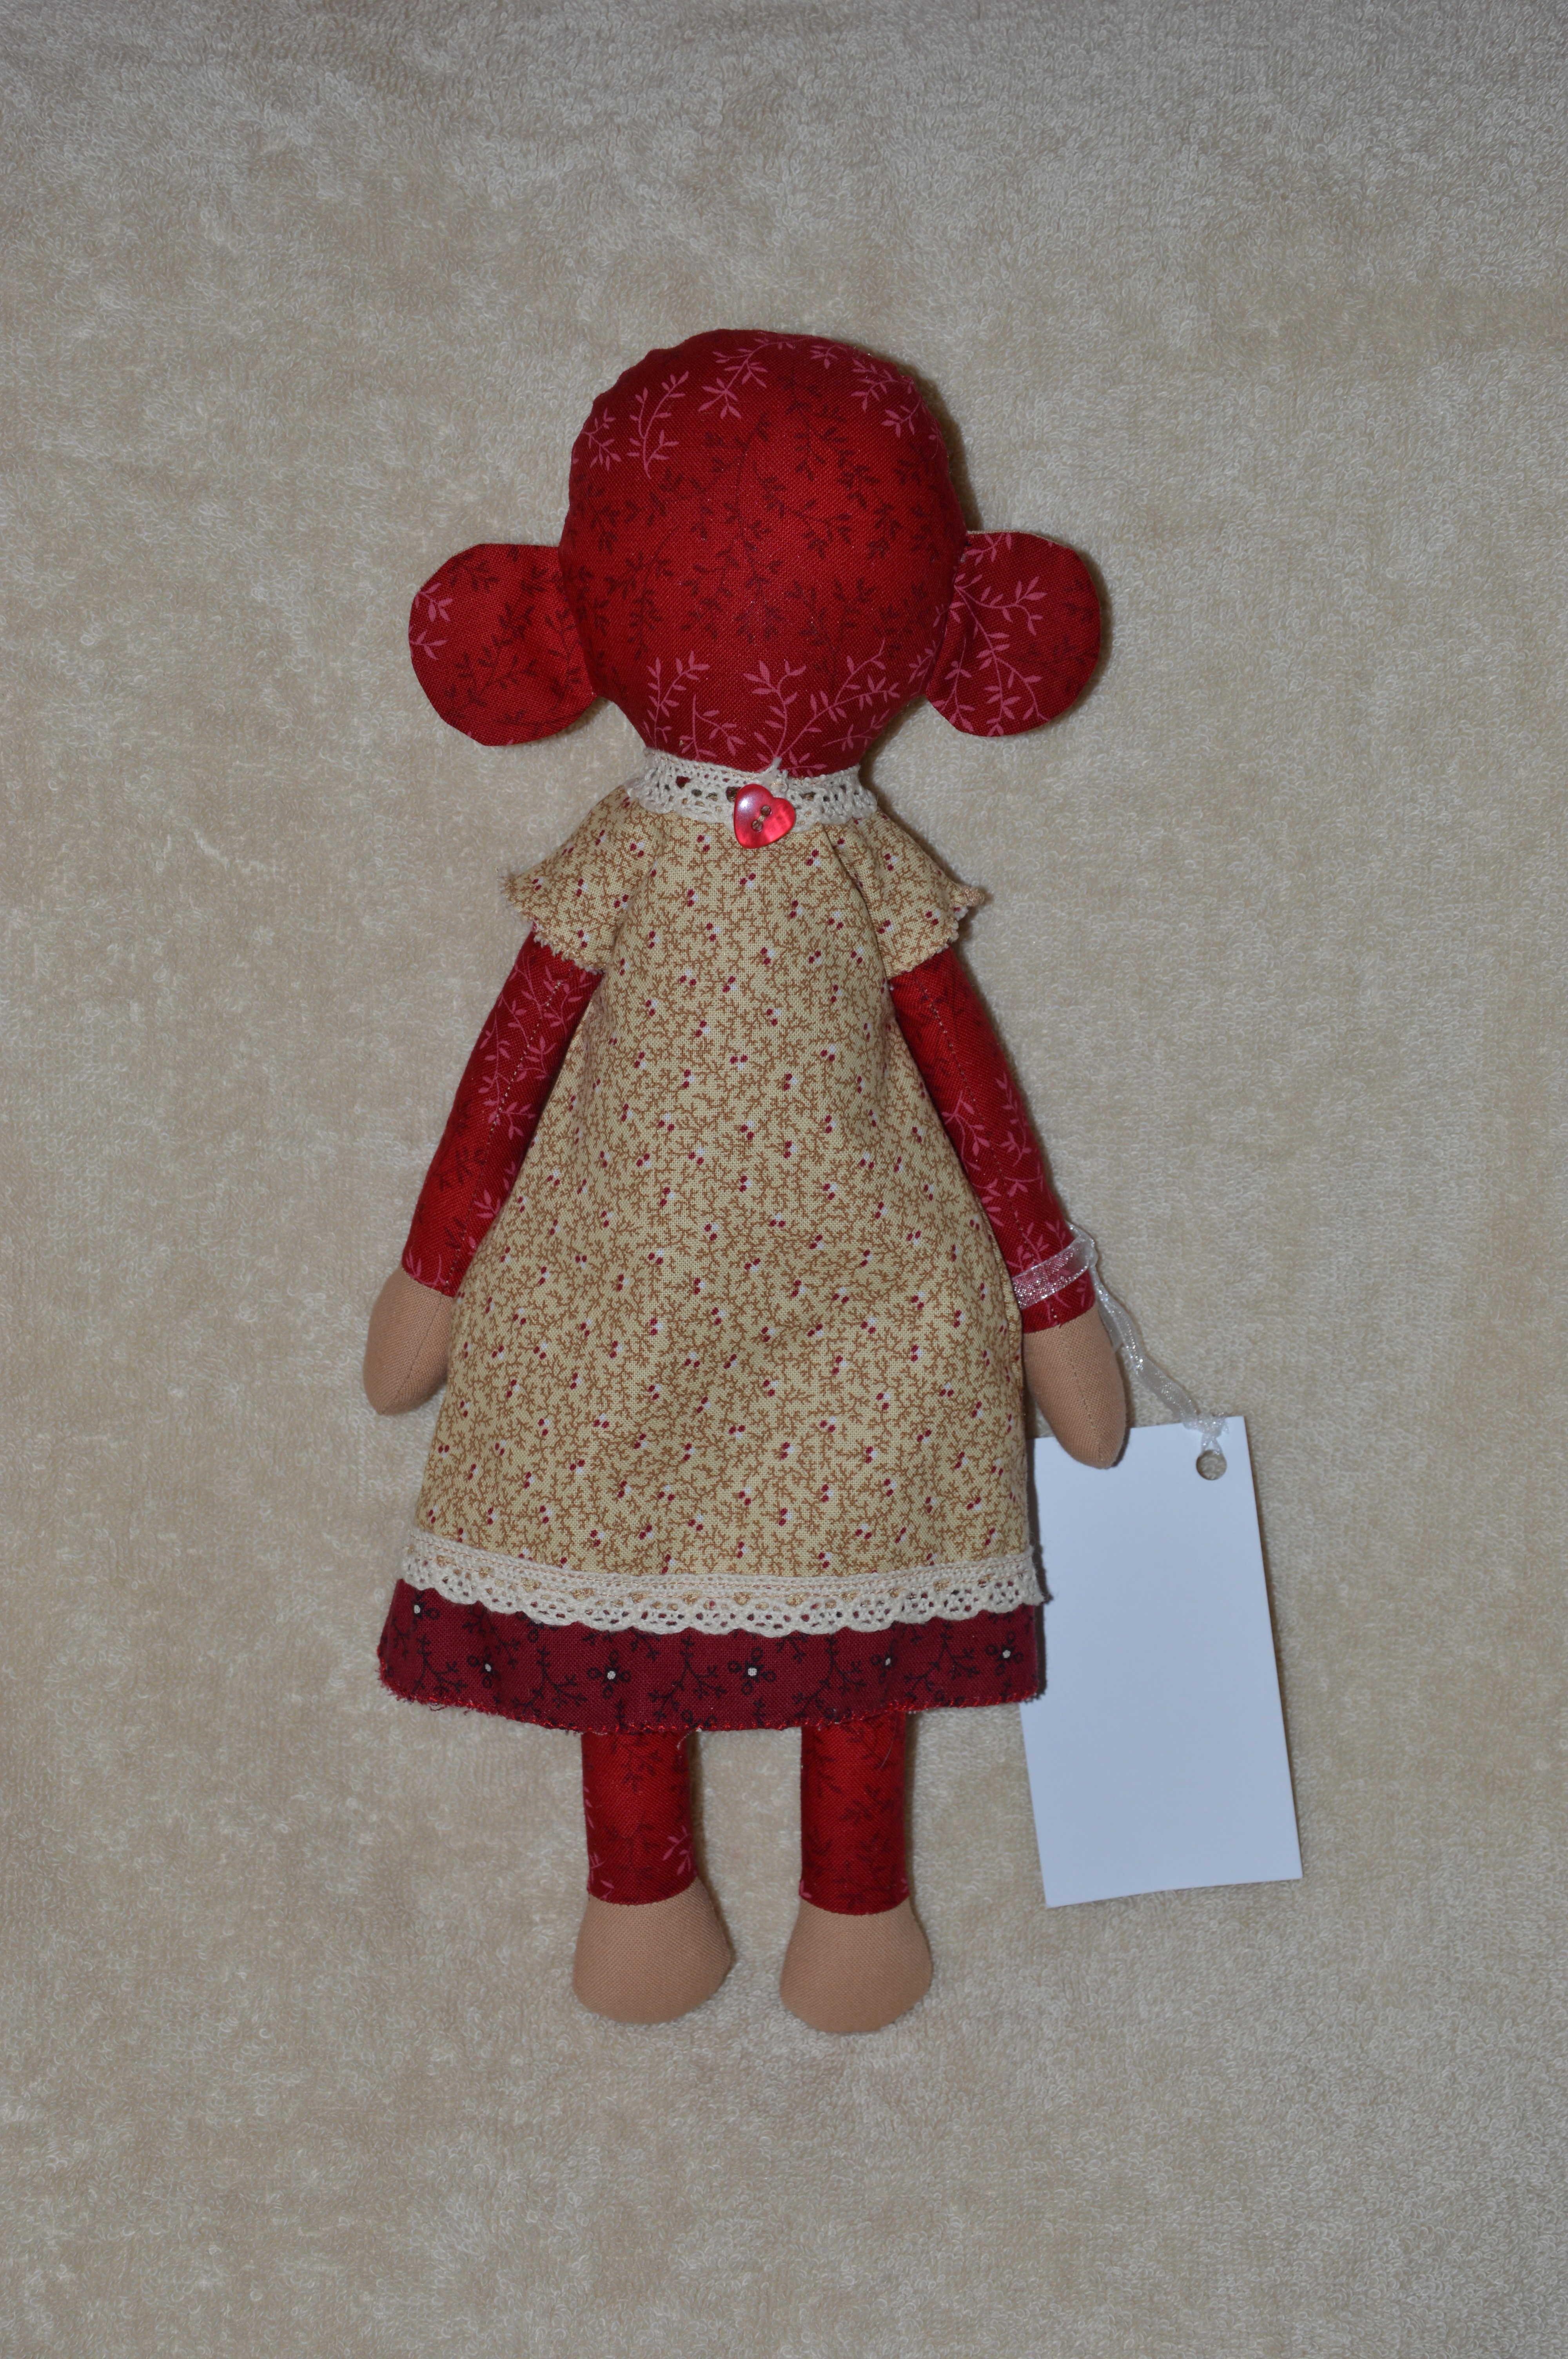 интерьерная обезьяна игрушка кукла пермь год новый красный стиле тильда подарок обезьянка в текстильная